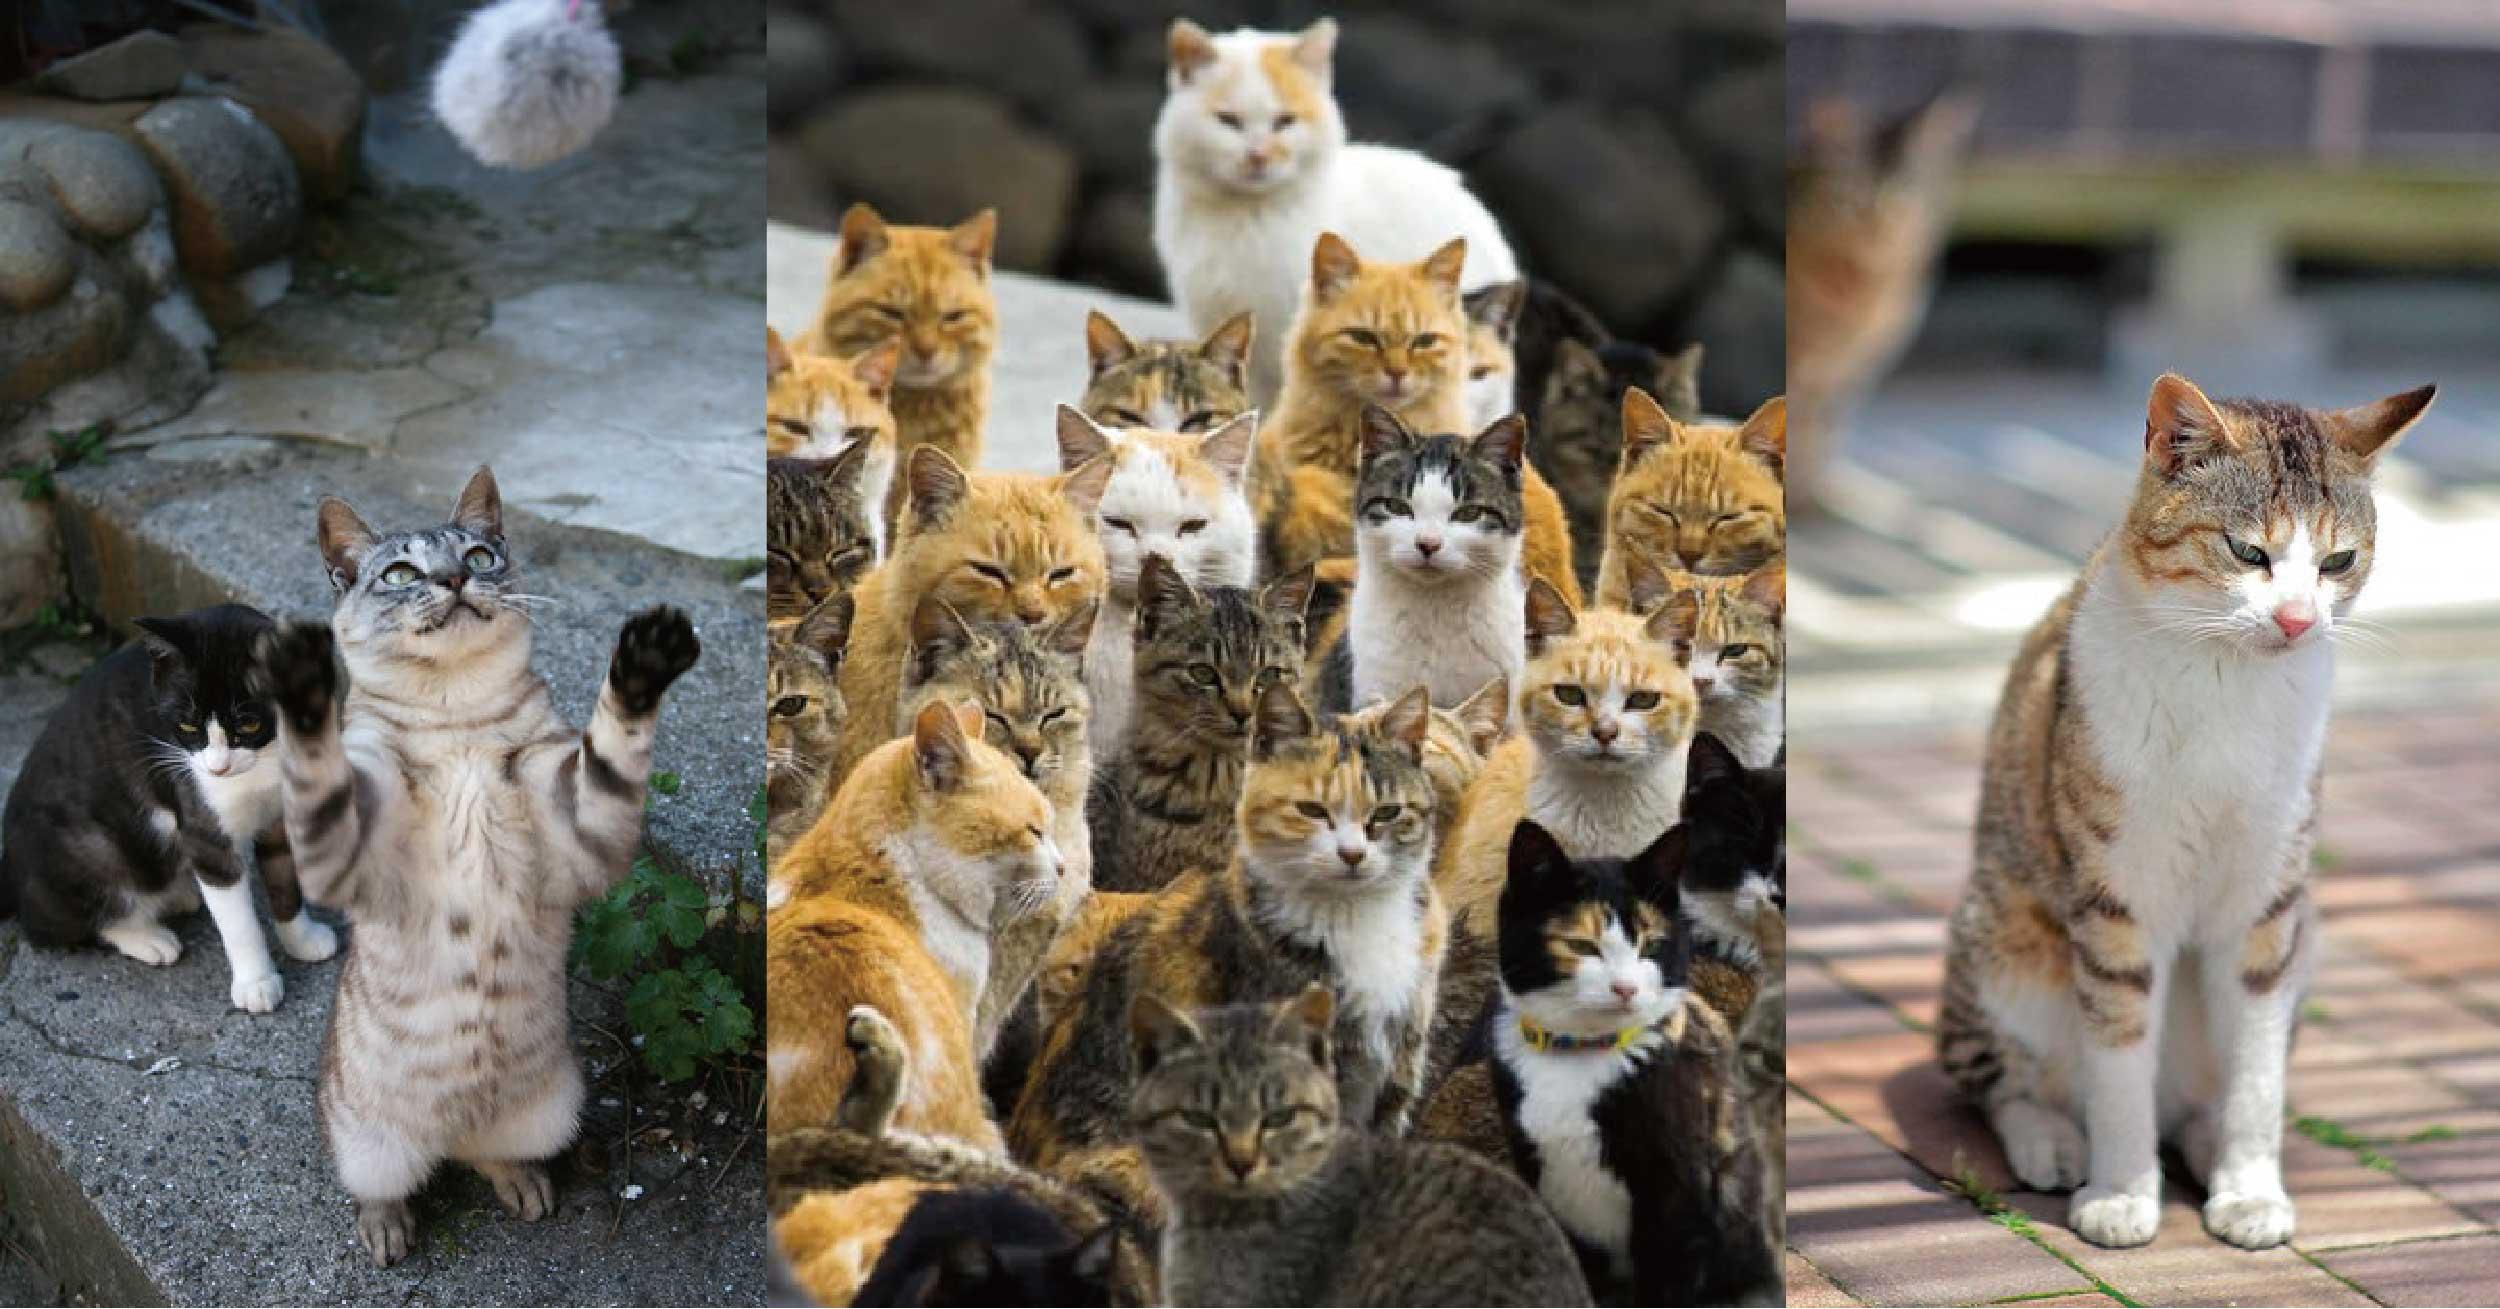 貓奴必去聖地!日本6大貓島推薦,吸貓、擼貓享受被喵星人包圍不是夢